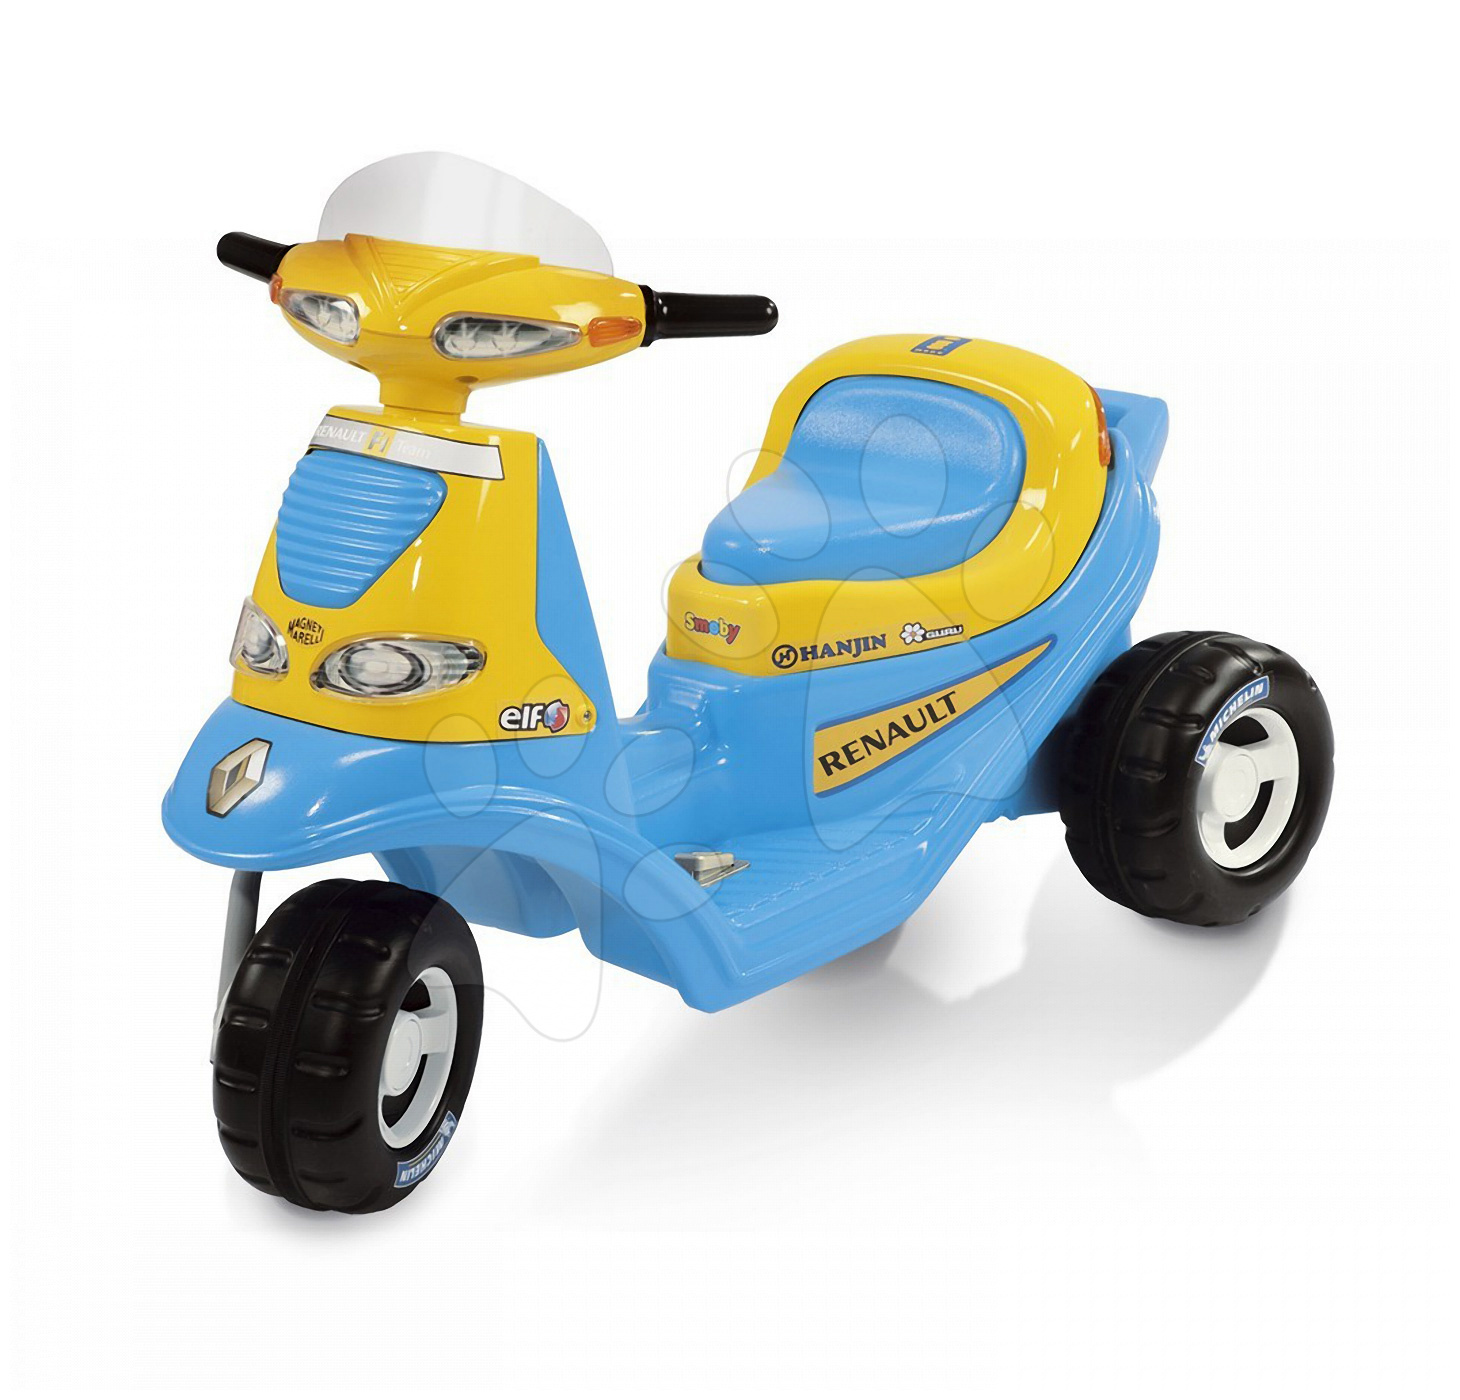 Scooter Renault F1 Smoby elektronický modrý od 24 měsíců